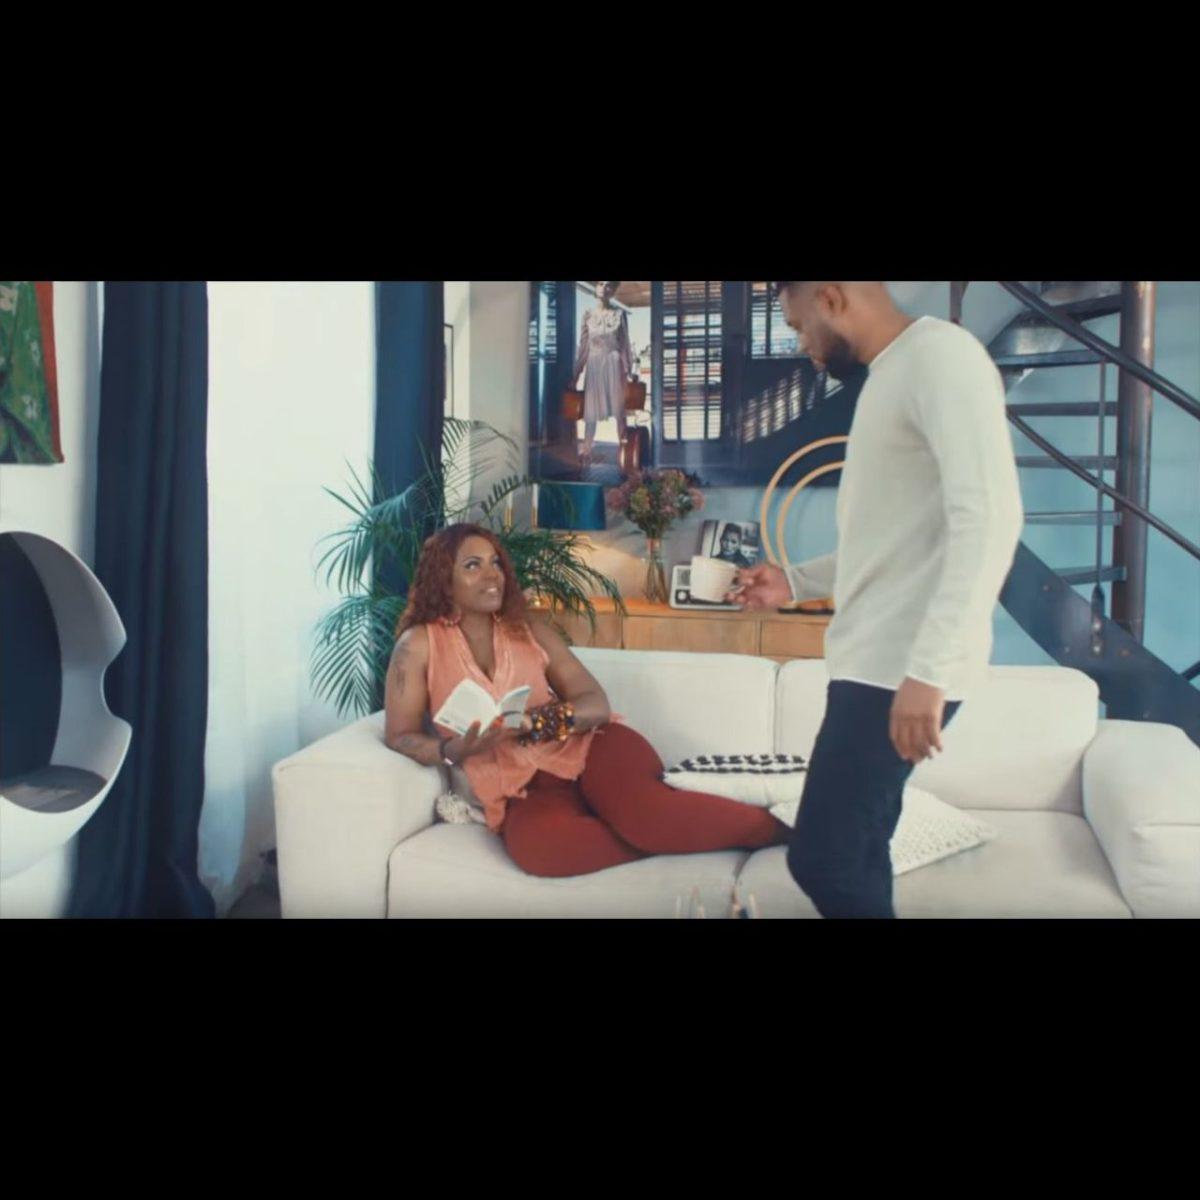 Axel Tony - Sur tes lèvres (ft. K-Reen) (Thumbnail)